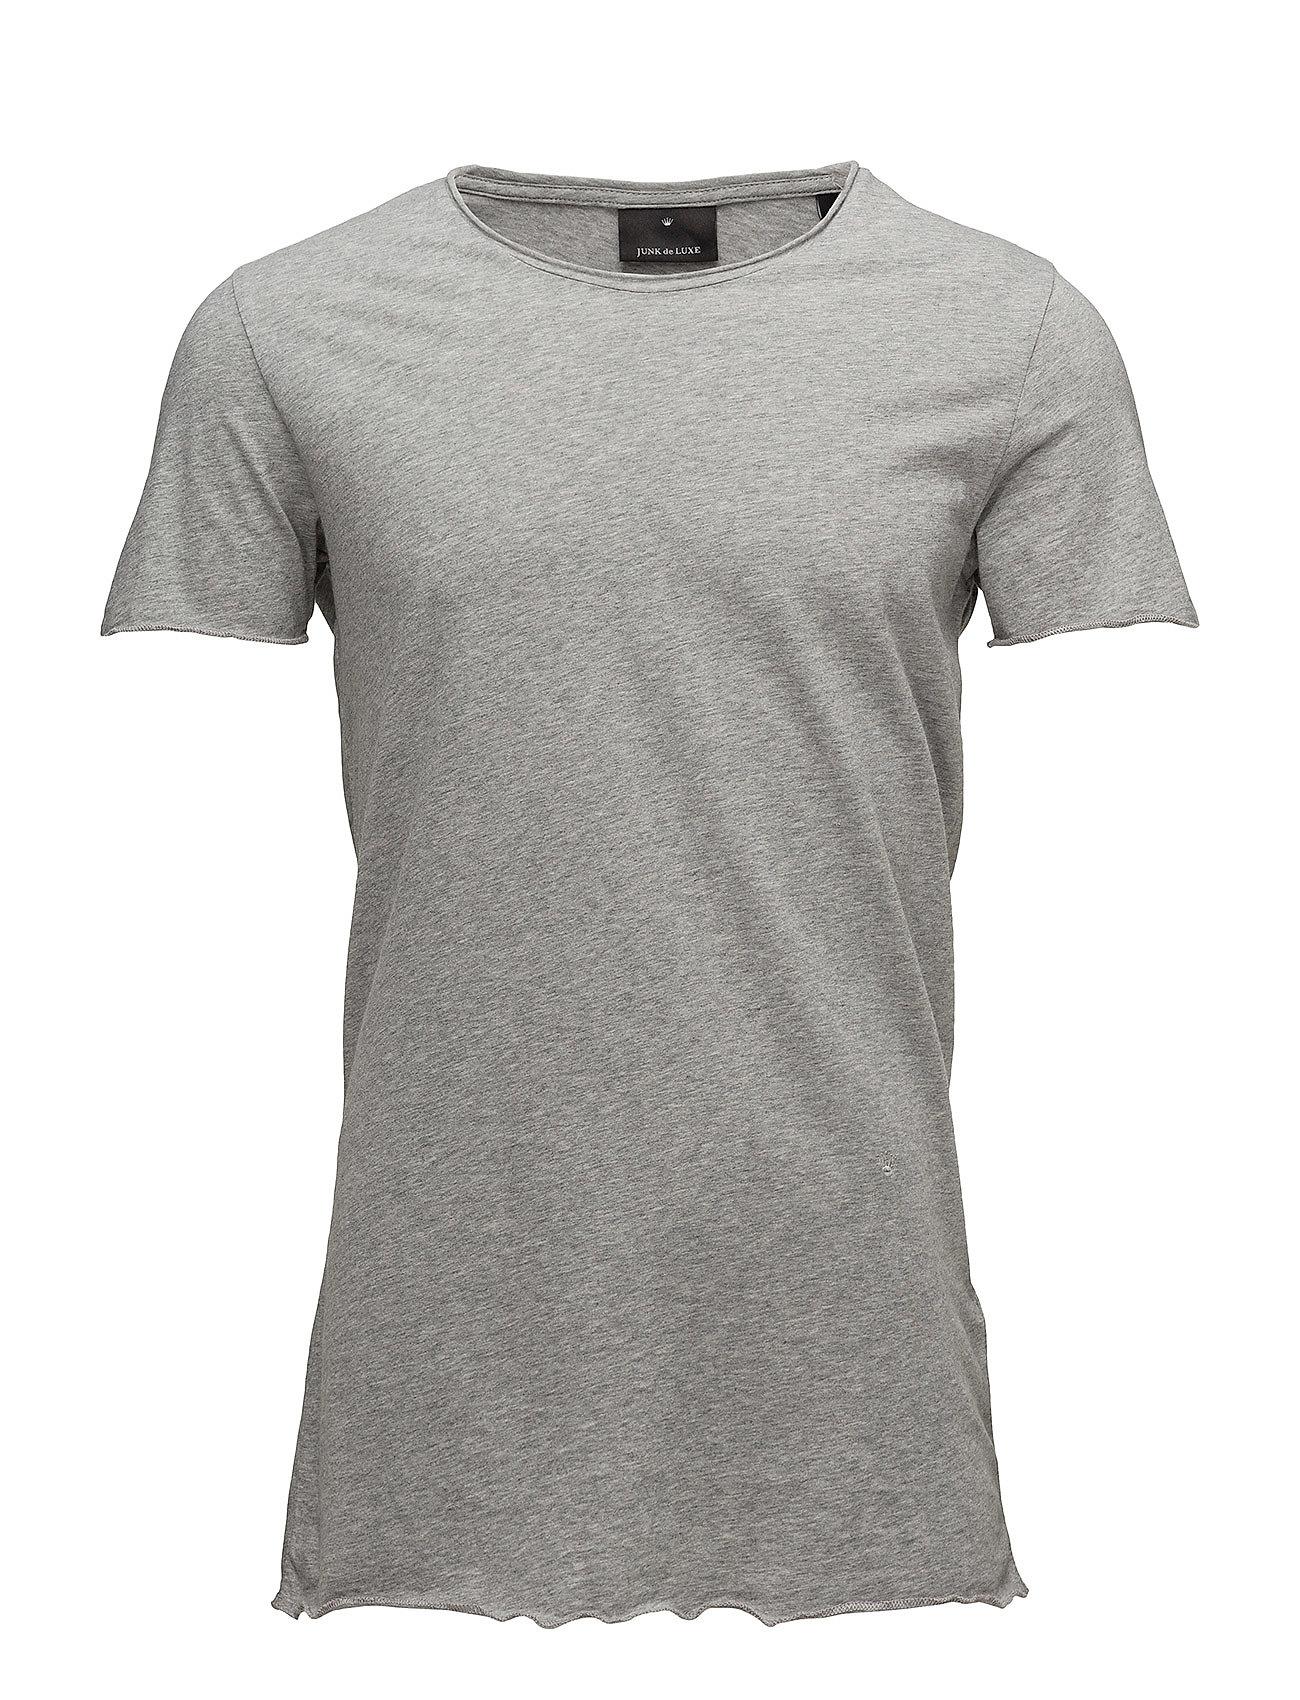 Image of Raw Edge Tee T-shirt Grå JUNK De LUXE (2945789279)